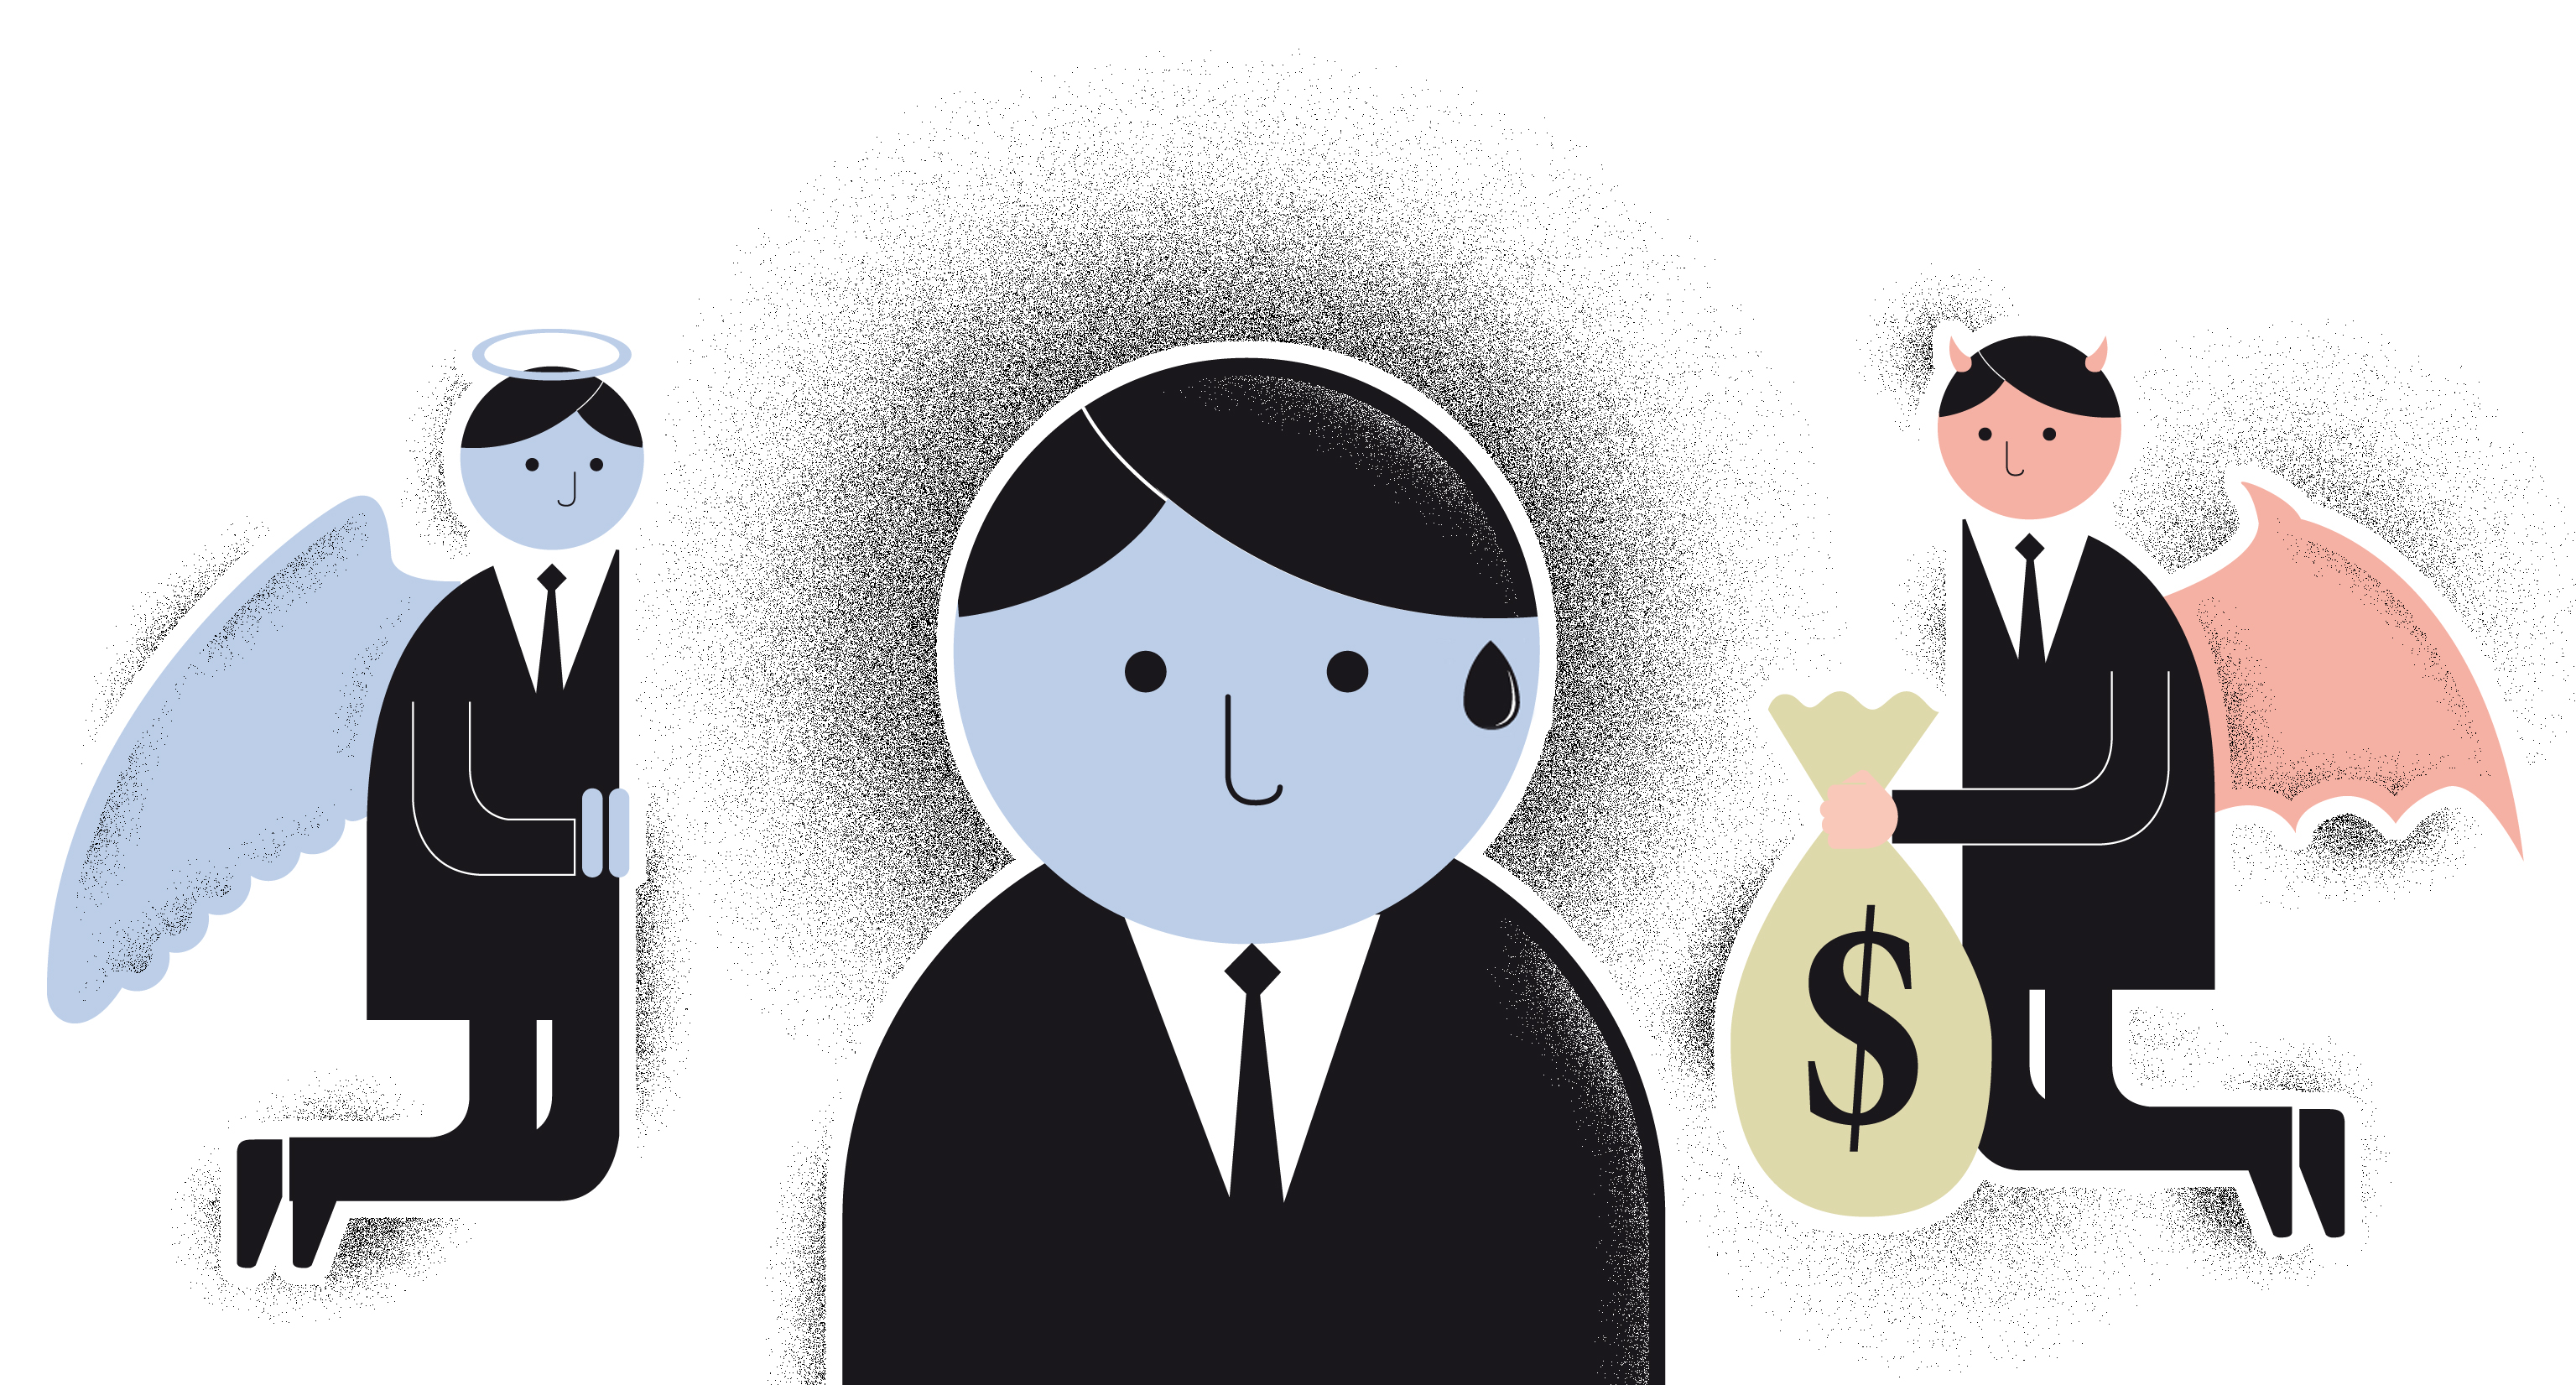 L'approvvigionamento etico è la nuova frontiera